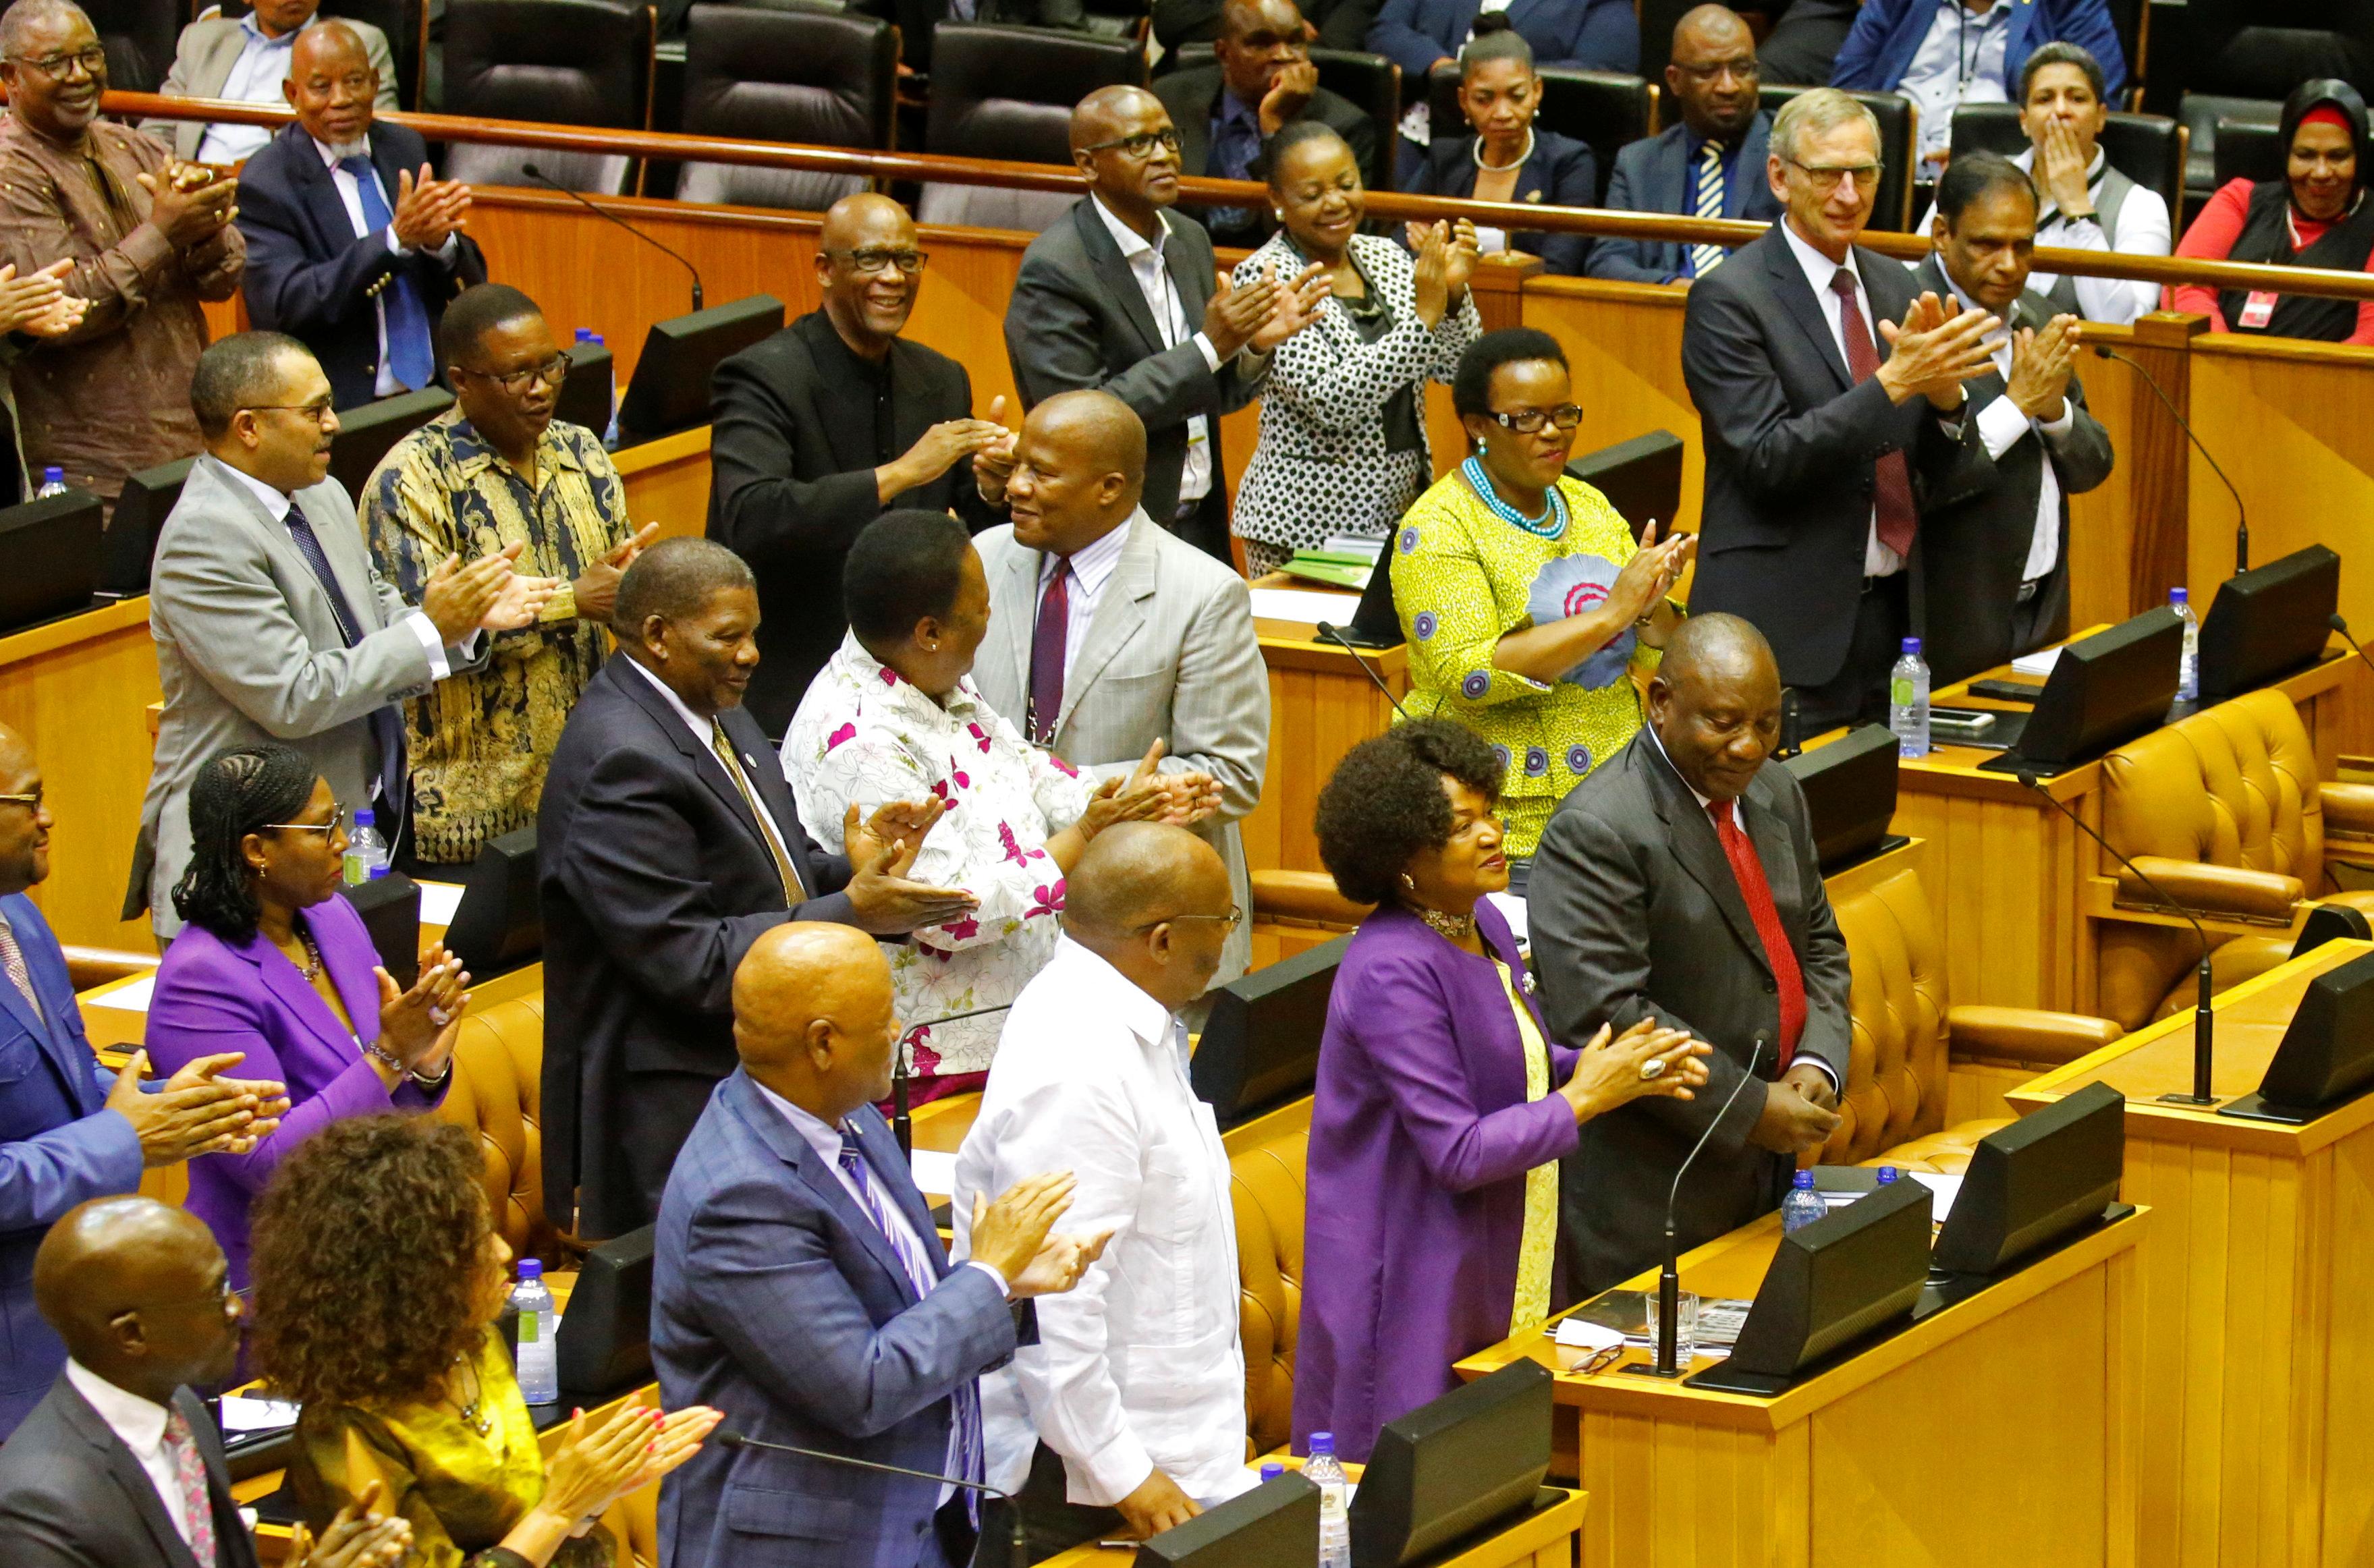 أعضاء البرلمان يصفقون عقل انتخاب سيريل رامافوسا رئيس جنوب أفريقيا الجديد